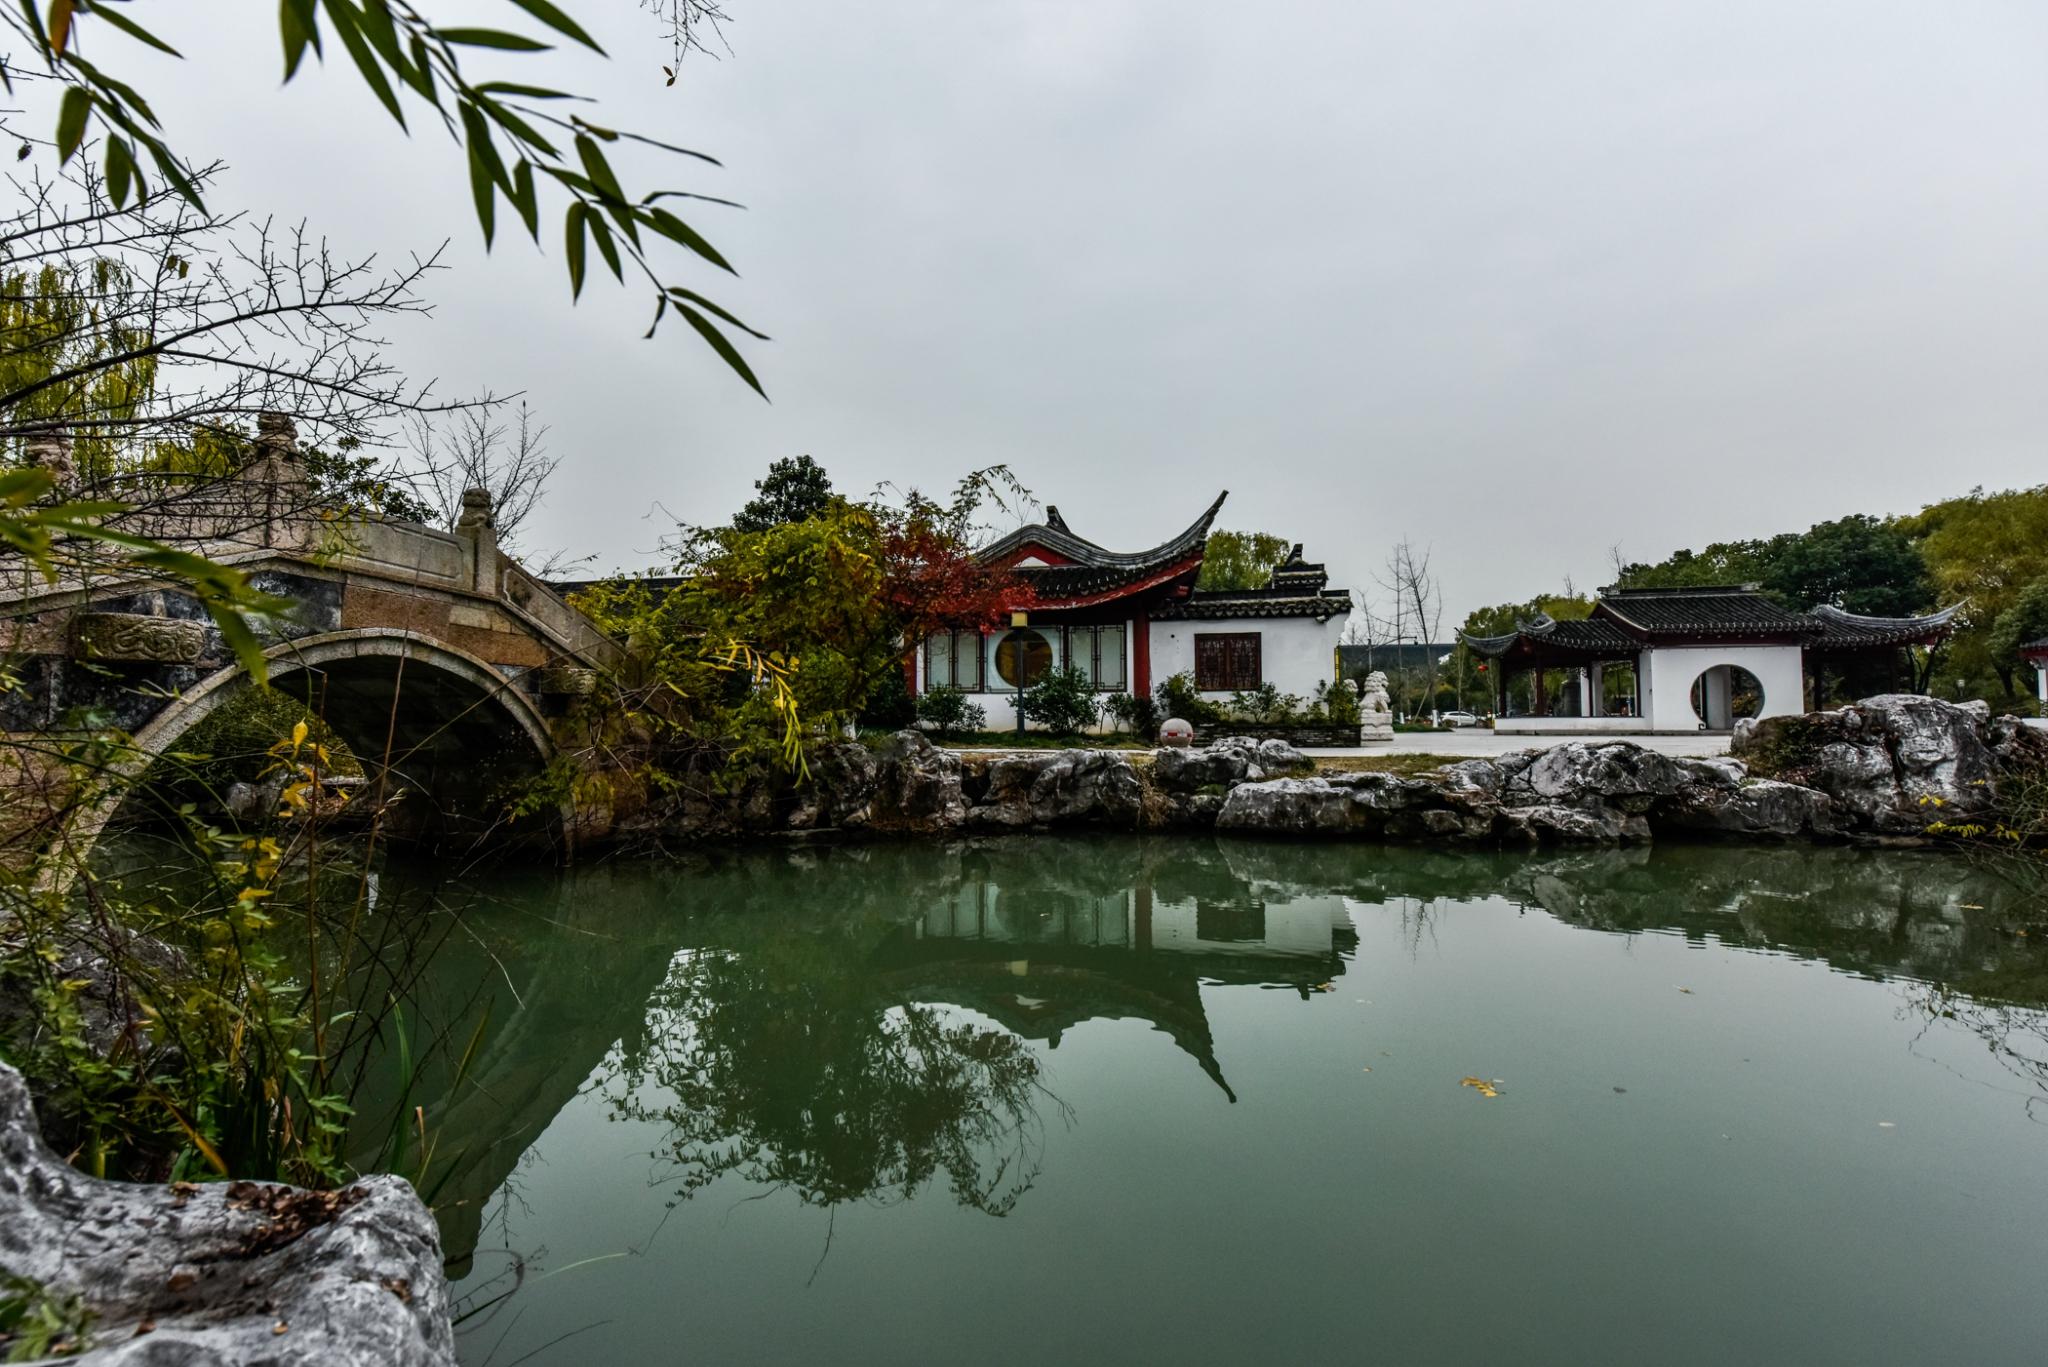 【诗画浙江】浙江除了杭州西湖,还有嘉兴南湖,更有海盐杏会